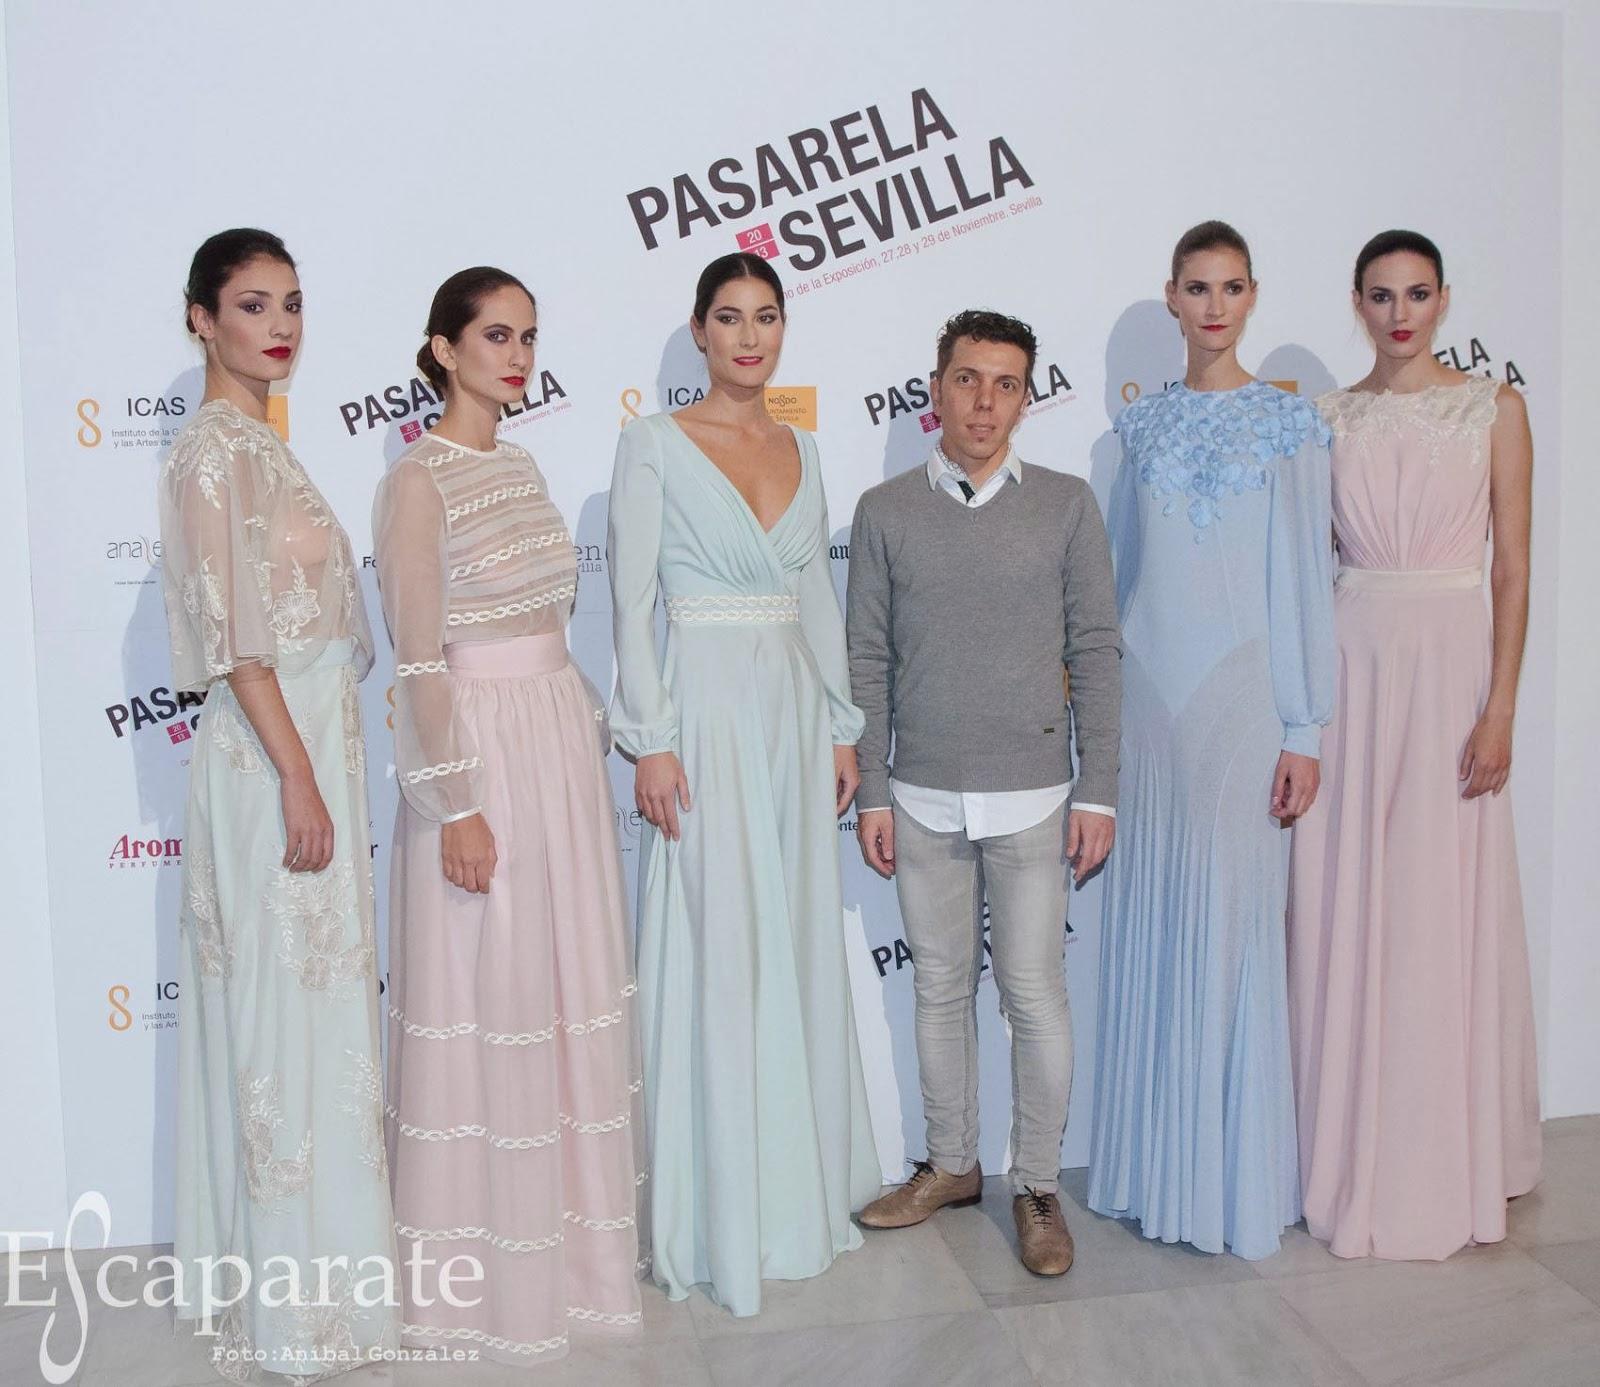 """Pasarela Sevilla """"EDEN"""" by Alejandro Postigo"""